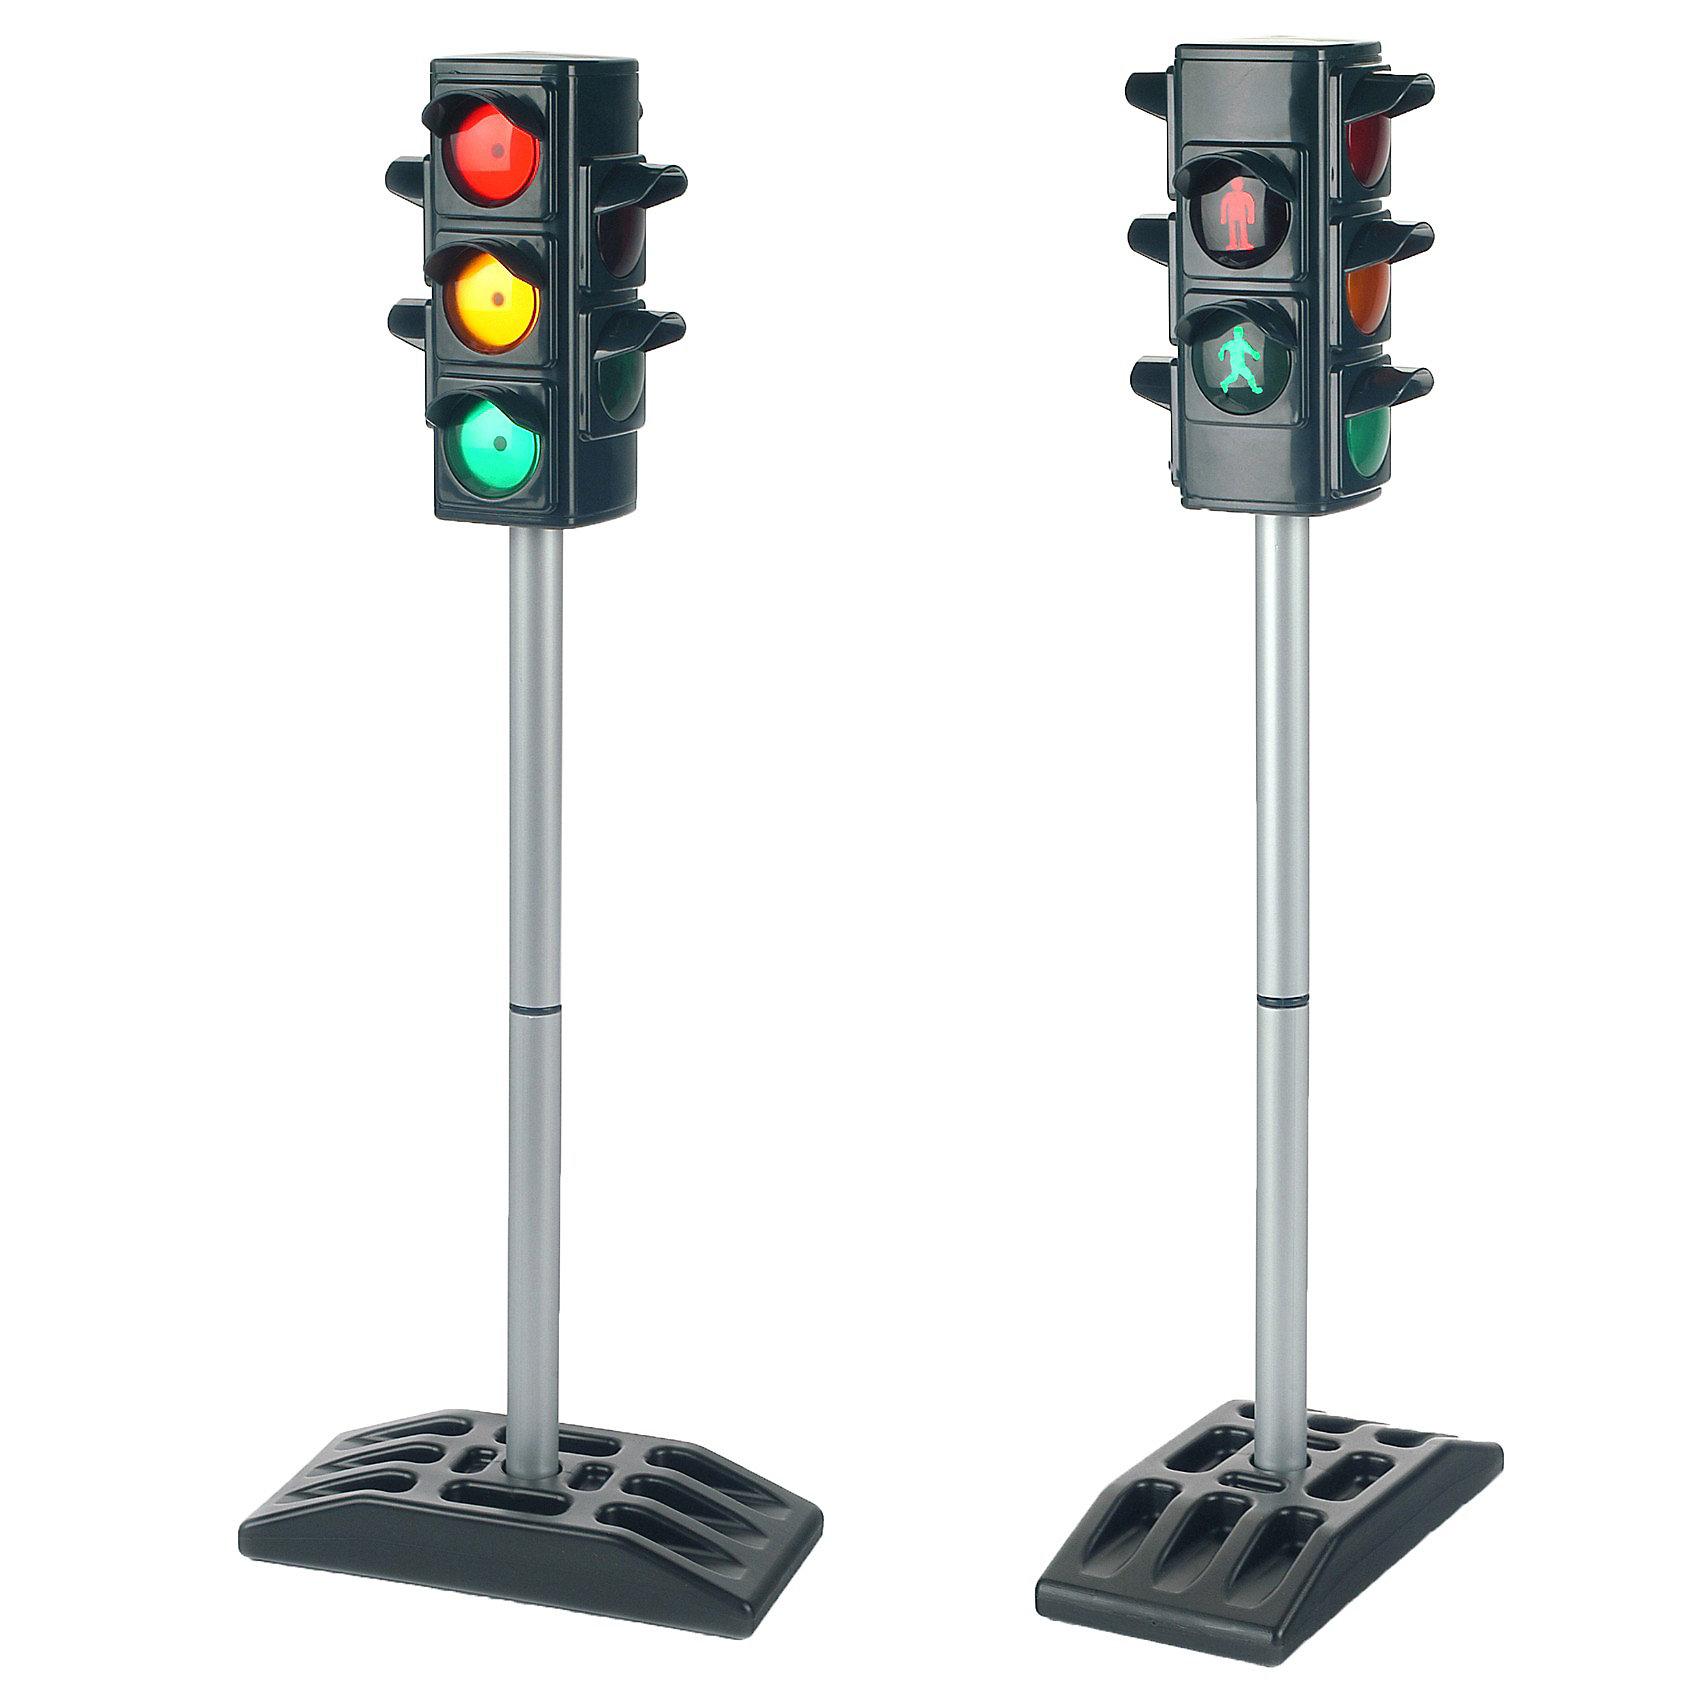 Функциональный светофор, KleinФункциональный светофор от Klein(Кляйн) поможет вашему ребенку стать вежливым пешеходом, соблюдающим все правила безопасности на дорогах. Светофор имеет 2 режима: ручной и автоматический, работает в четырех направлениях. Добавьте к светофору любимые игрушки и создайте настоящую дорожную атмосферу. Позаботьтесь о безопасности ребенка, научив его правилам дорожного движения с функциональным светофором!<br><br>Дополнительная информация:<br>Материал: пластик<br>Батарейки: АА - 4 шт.(в комплект не входят)<br>Размер упаковки: 17х28 х15 см<br>Высота светофора: 72 см<br><br>Вы можете приобрести функциональный светофор от Klein(Кляйн) в нашем интернет-магазине.<br><br>Ширина мм: 289<br>Глубина мм: 205<br>Высота мм: 155<br>Вес г: 915<br>Возраст от месяцев: 36<br>Возраст до месяцев: 96<br>Пол: Мужской<br>Возраст: Детский<br>SKU: 1600509